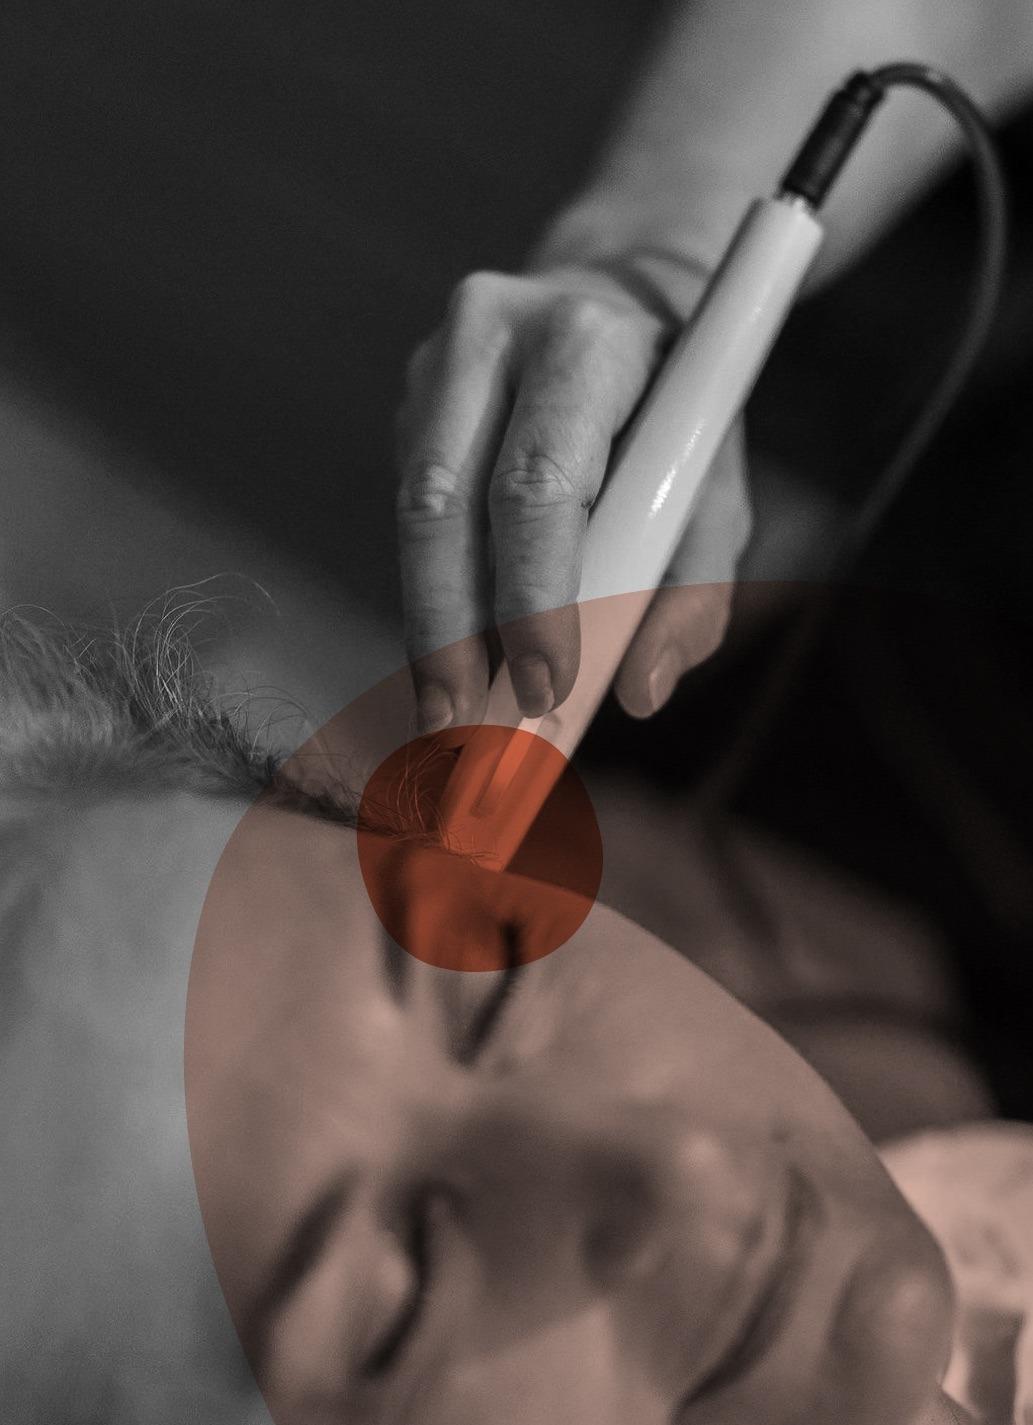 photo en noir et blanc d'une main tenant l'appareil Luxoscreen, posé sur la tempe d'une femme